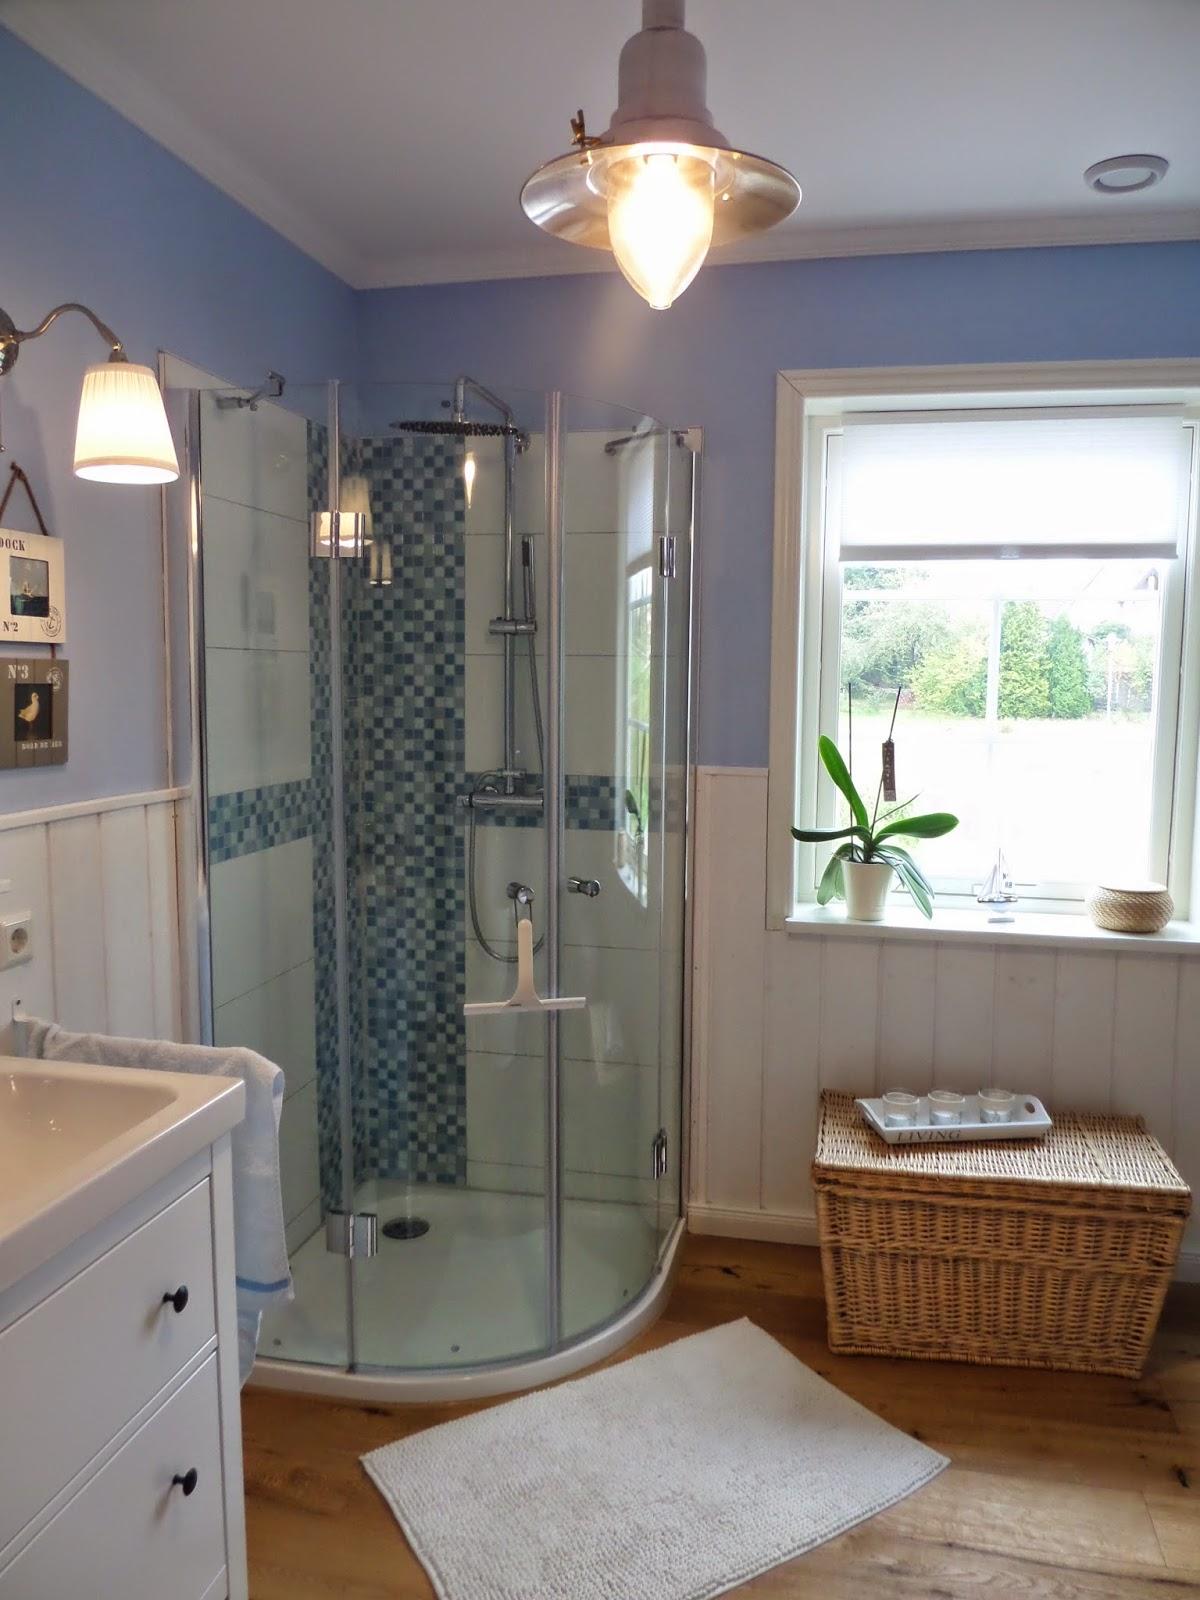 kleine lotta unser schwedenhaus eine neue dusche musste her. Black Bedroom Furniture Sets. Home Design Ideas